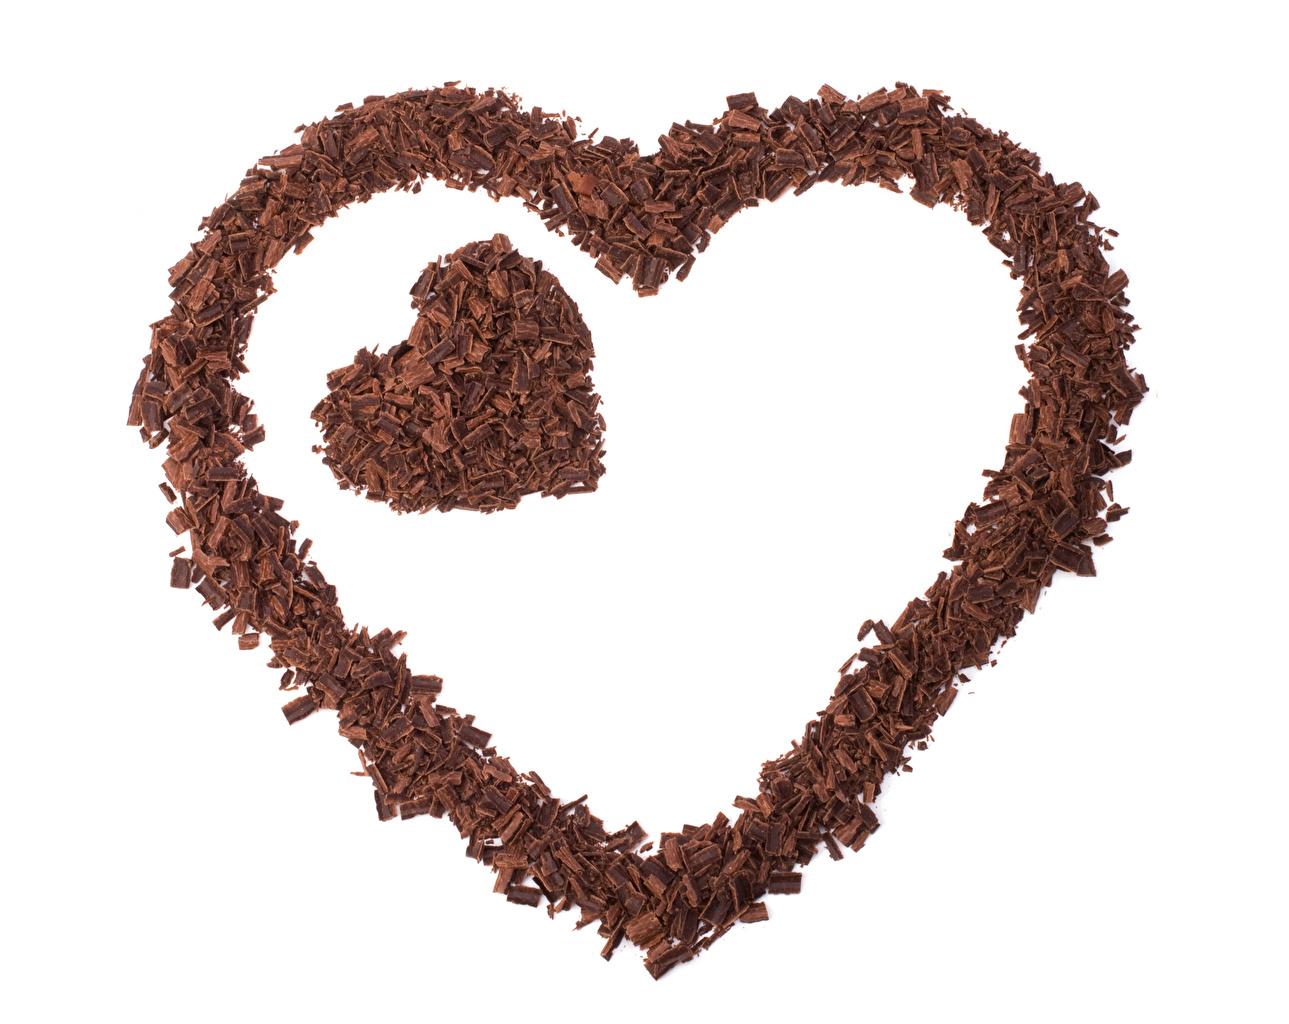 Обои для рабочего стола День святого Валентина Сердце Шоколад вдвоем Продукты питания Белый фон День всех влюблённых серце сердца сердечко 2 два две Двое Еда Пища белом фоне белым фоном